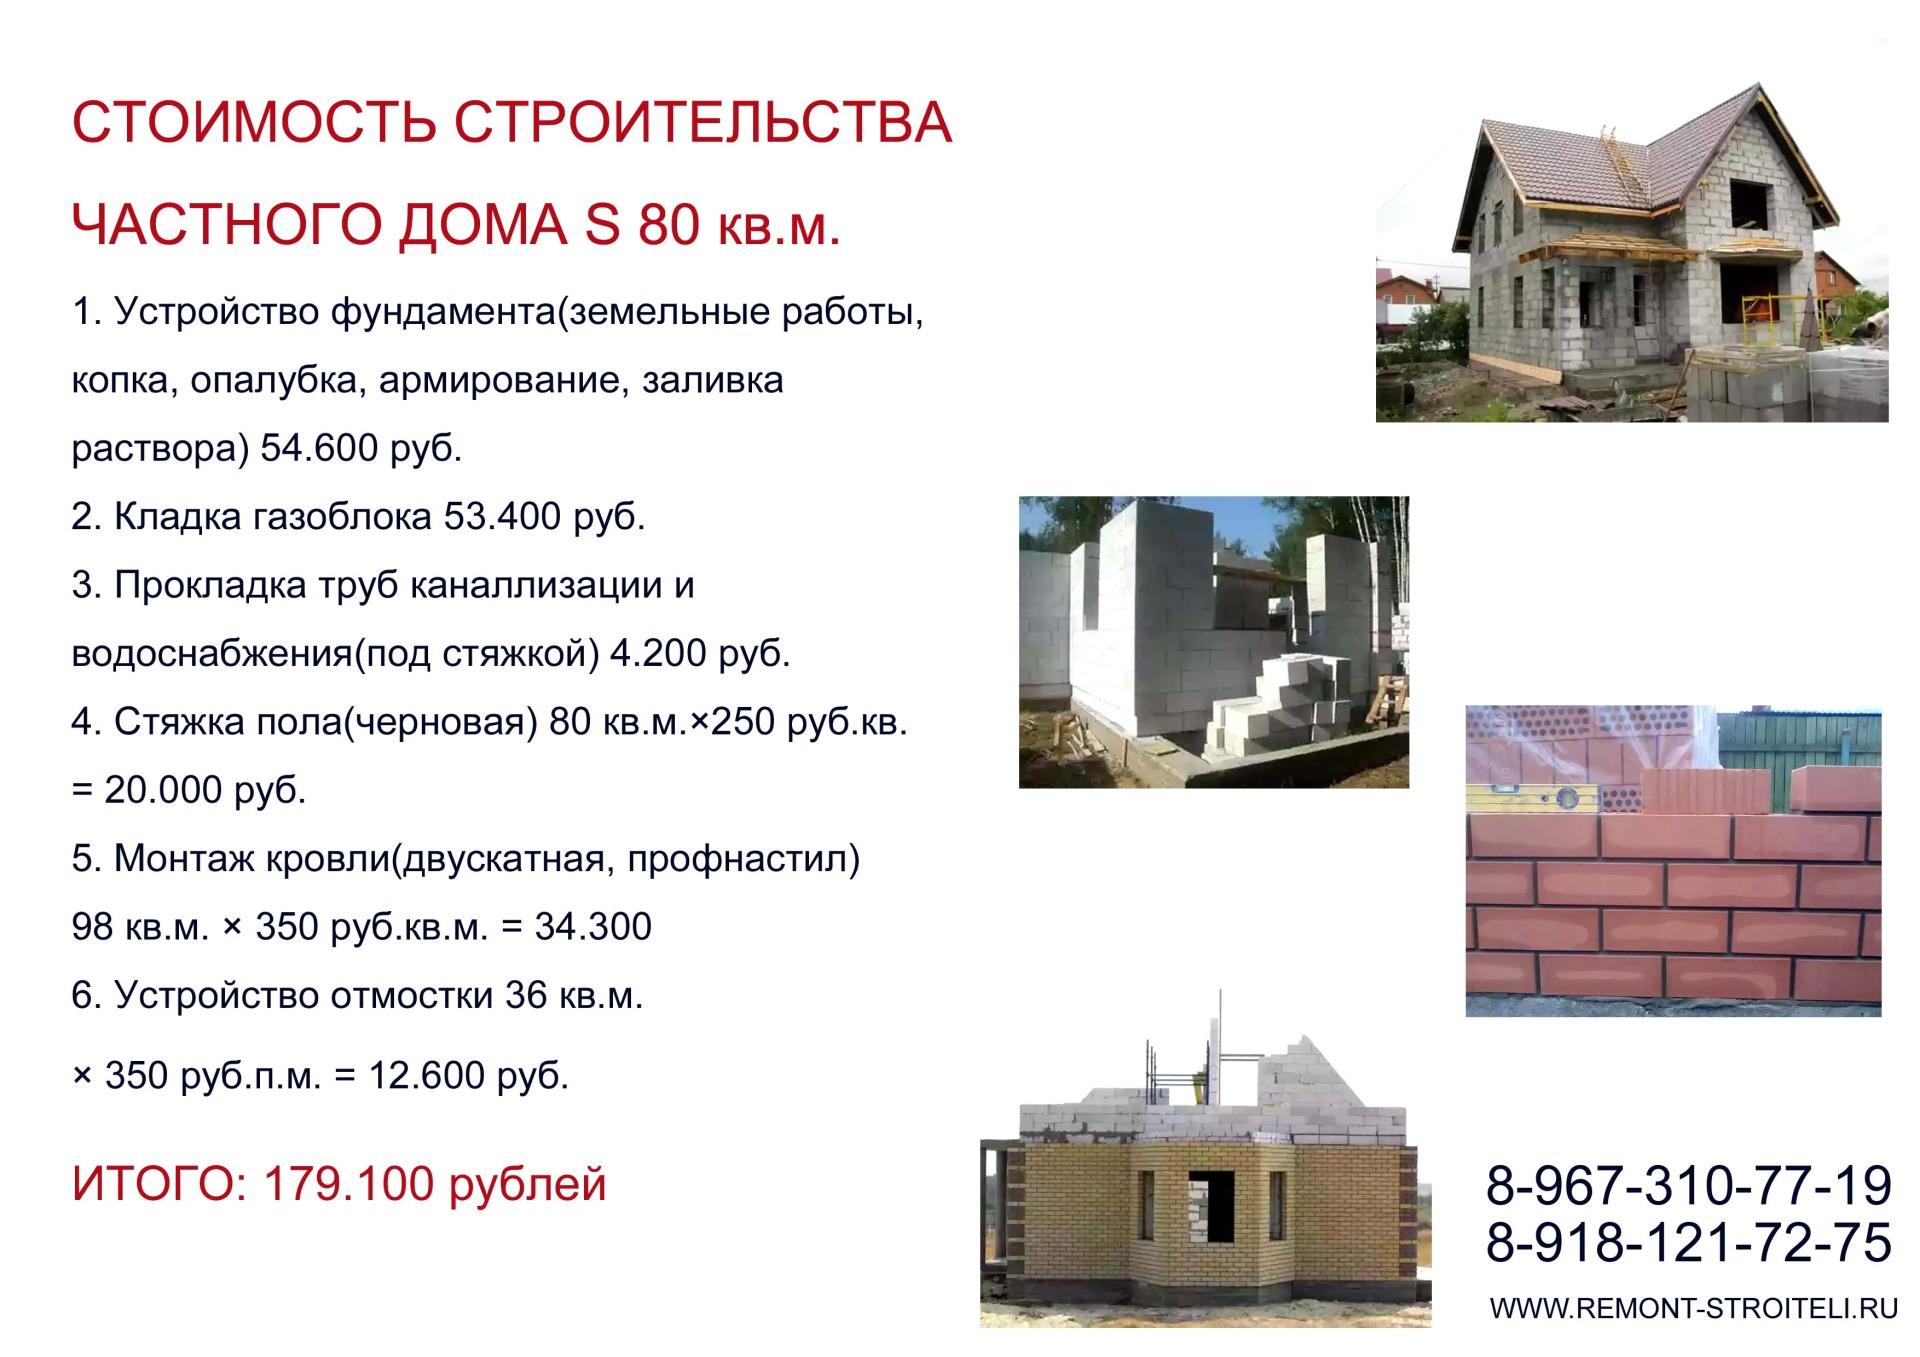 стоимость строительства - цены на дома - расценки услуг в кропоткине